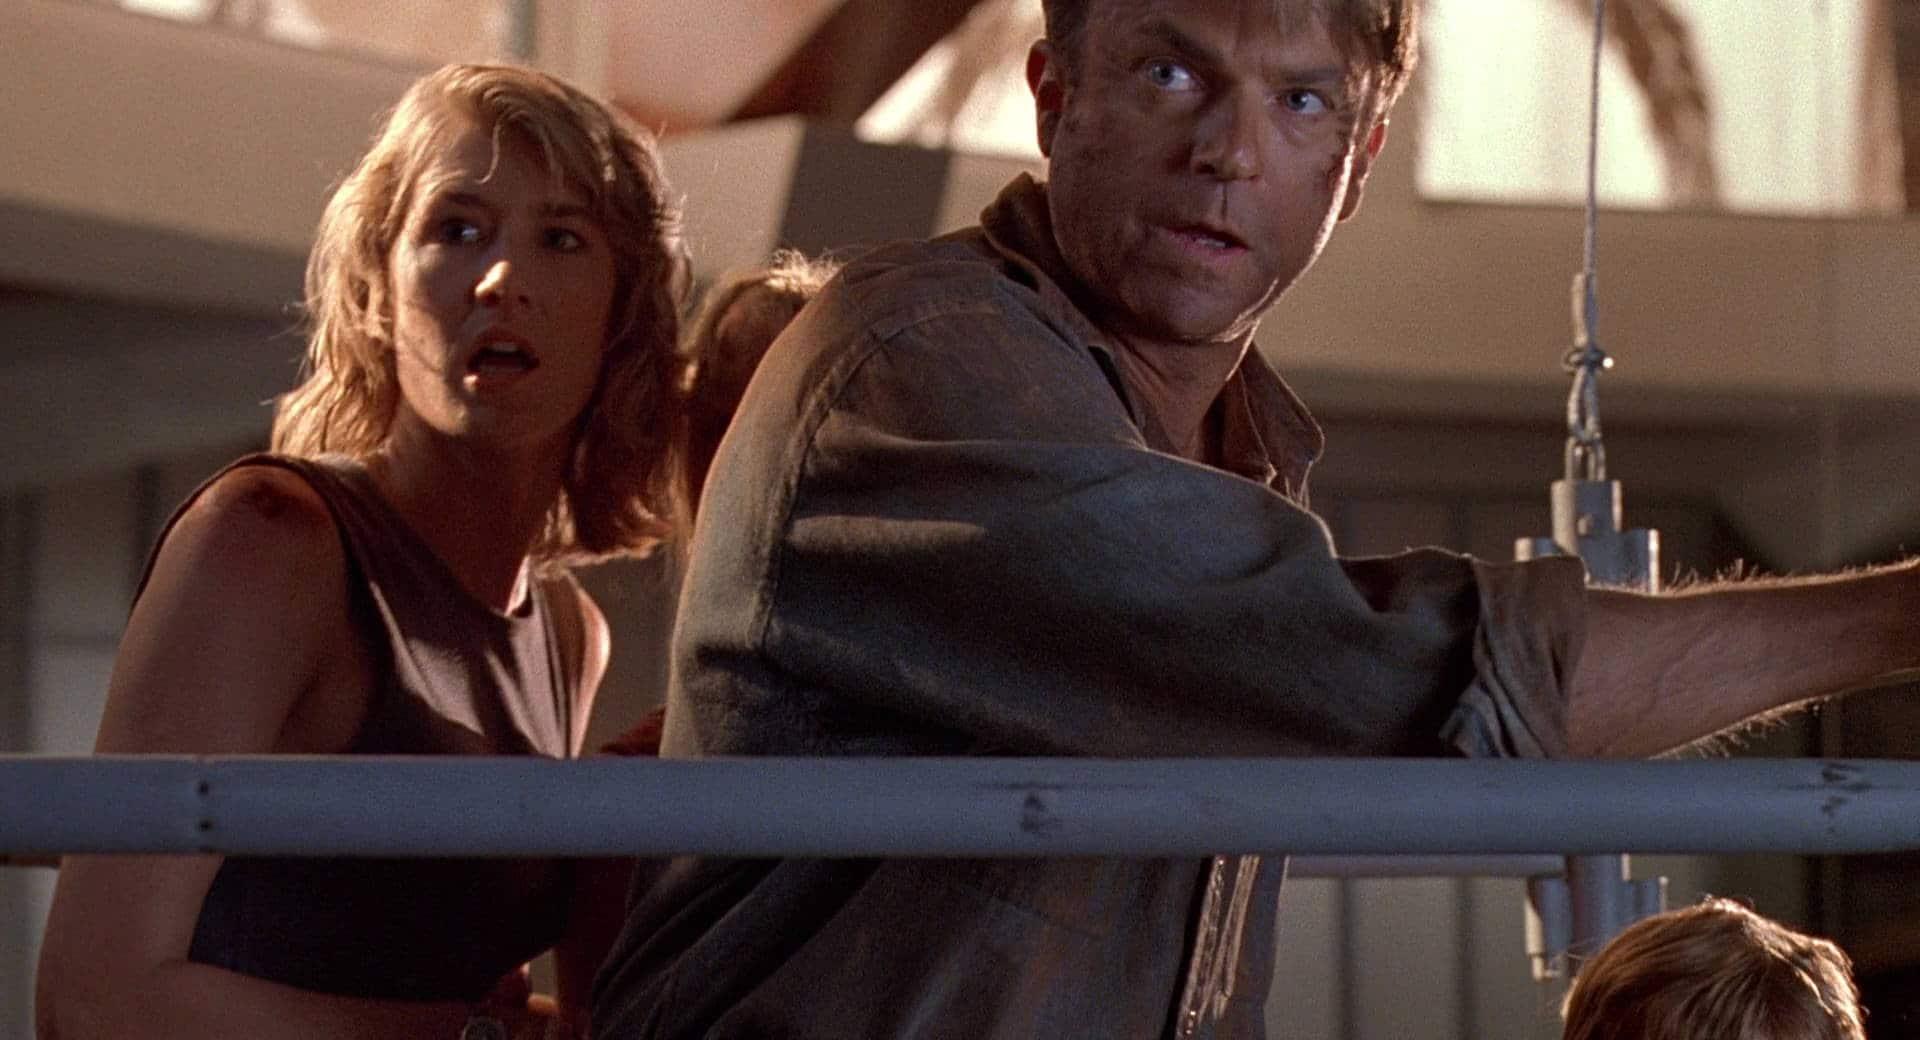 Alan Grant (Sam Neil) in Jurassic Park